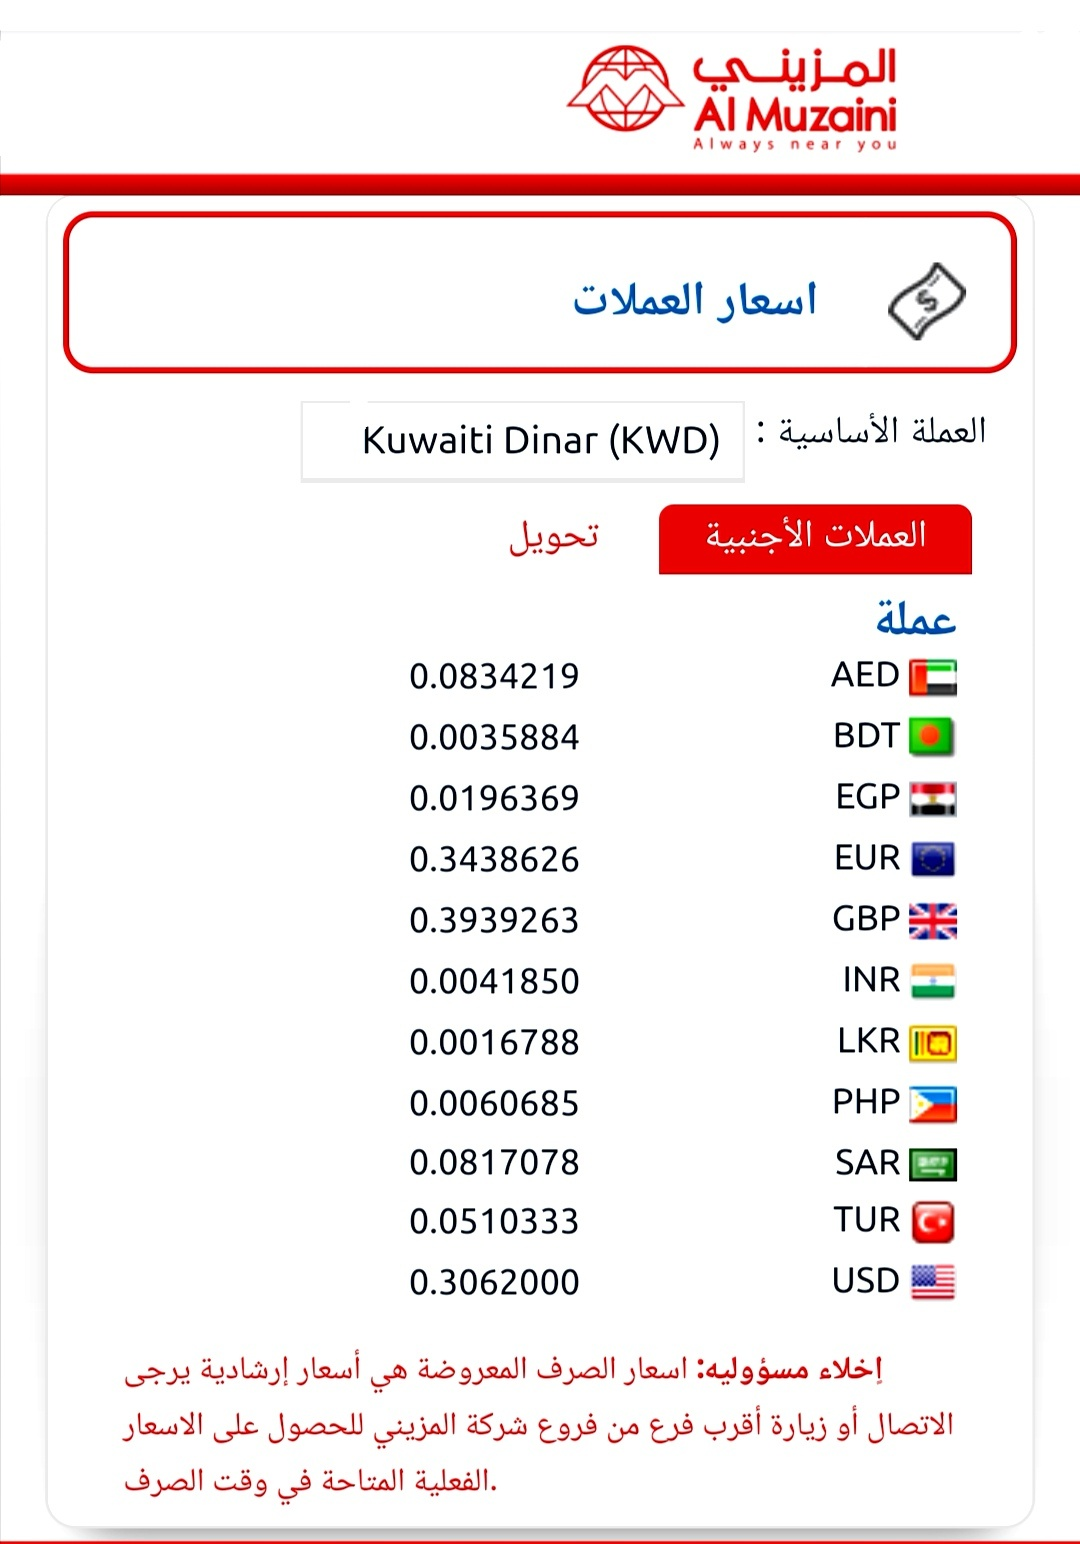 المزيني للصرافة اسعار العملات شركة المزيني للصيرفة الكويت